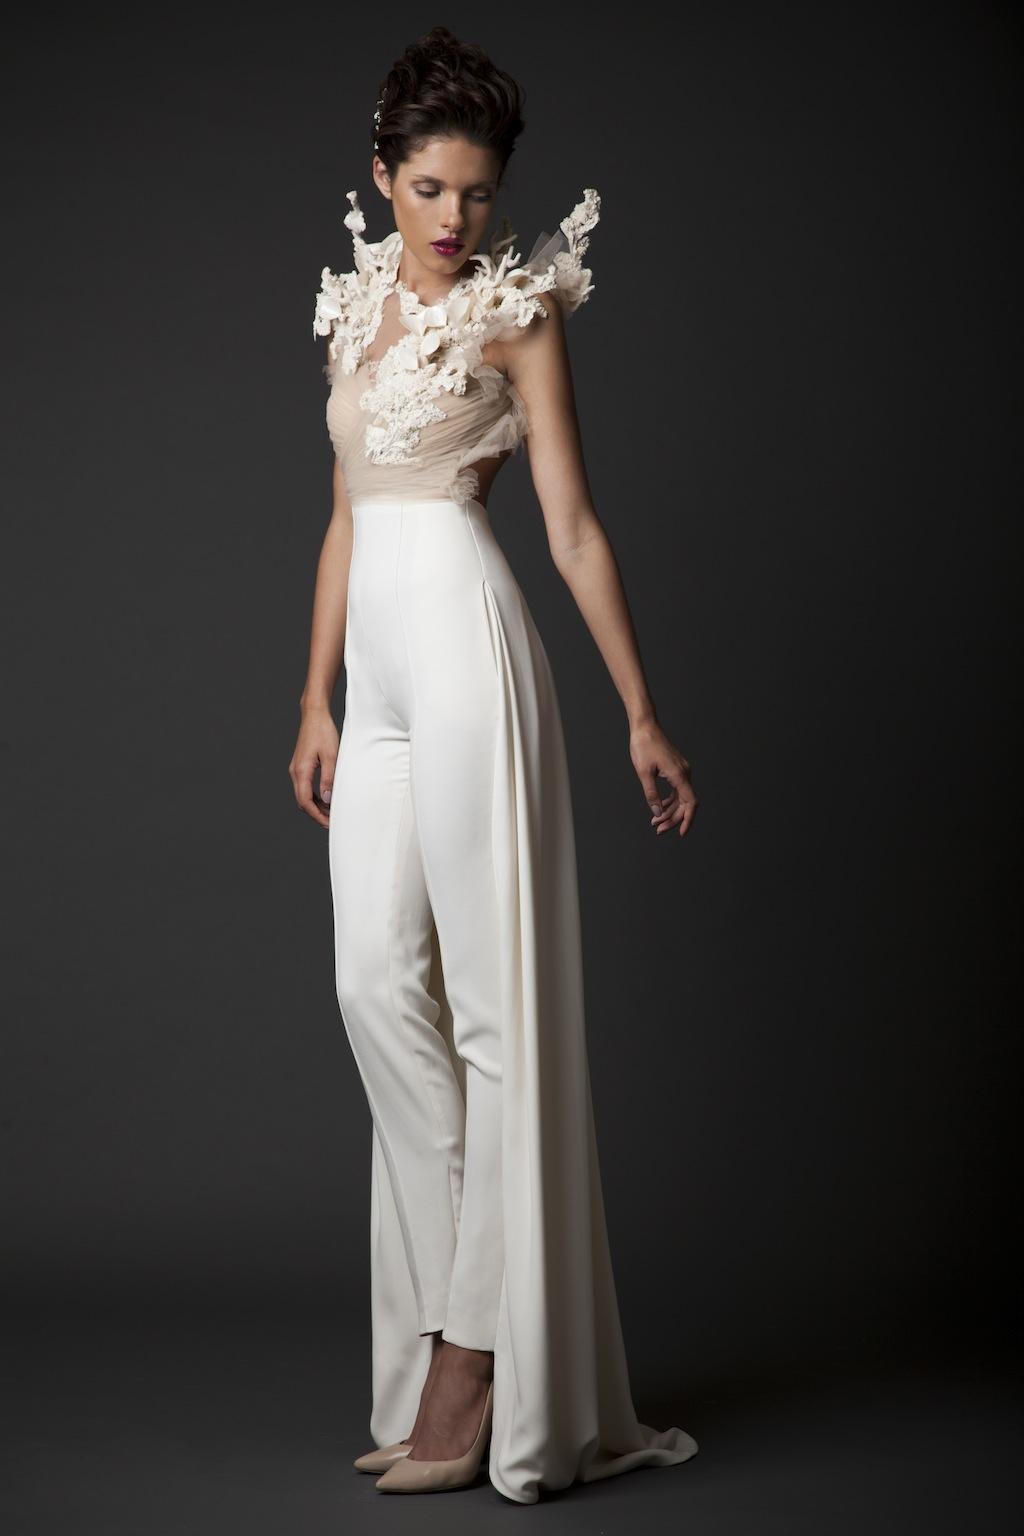 требовательно свадебный брючный костюм для невесты фото варианты сеток пластикового